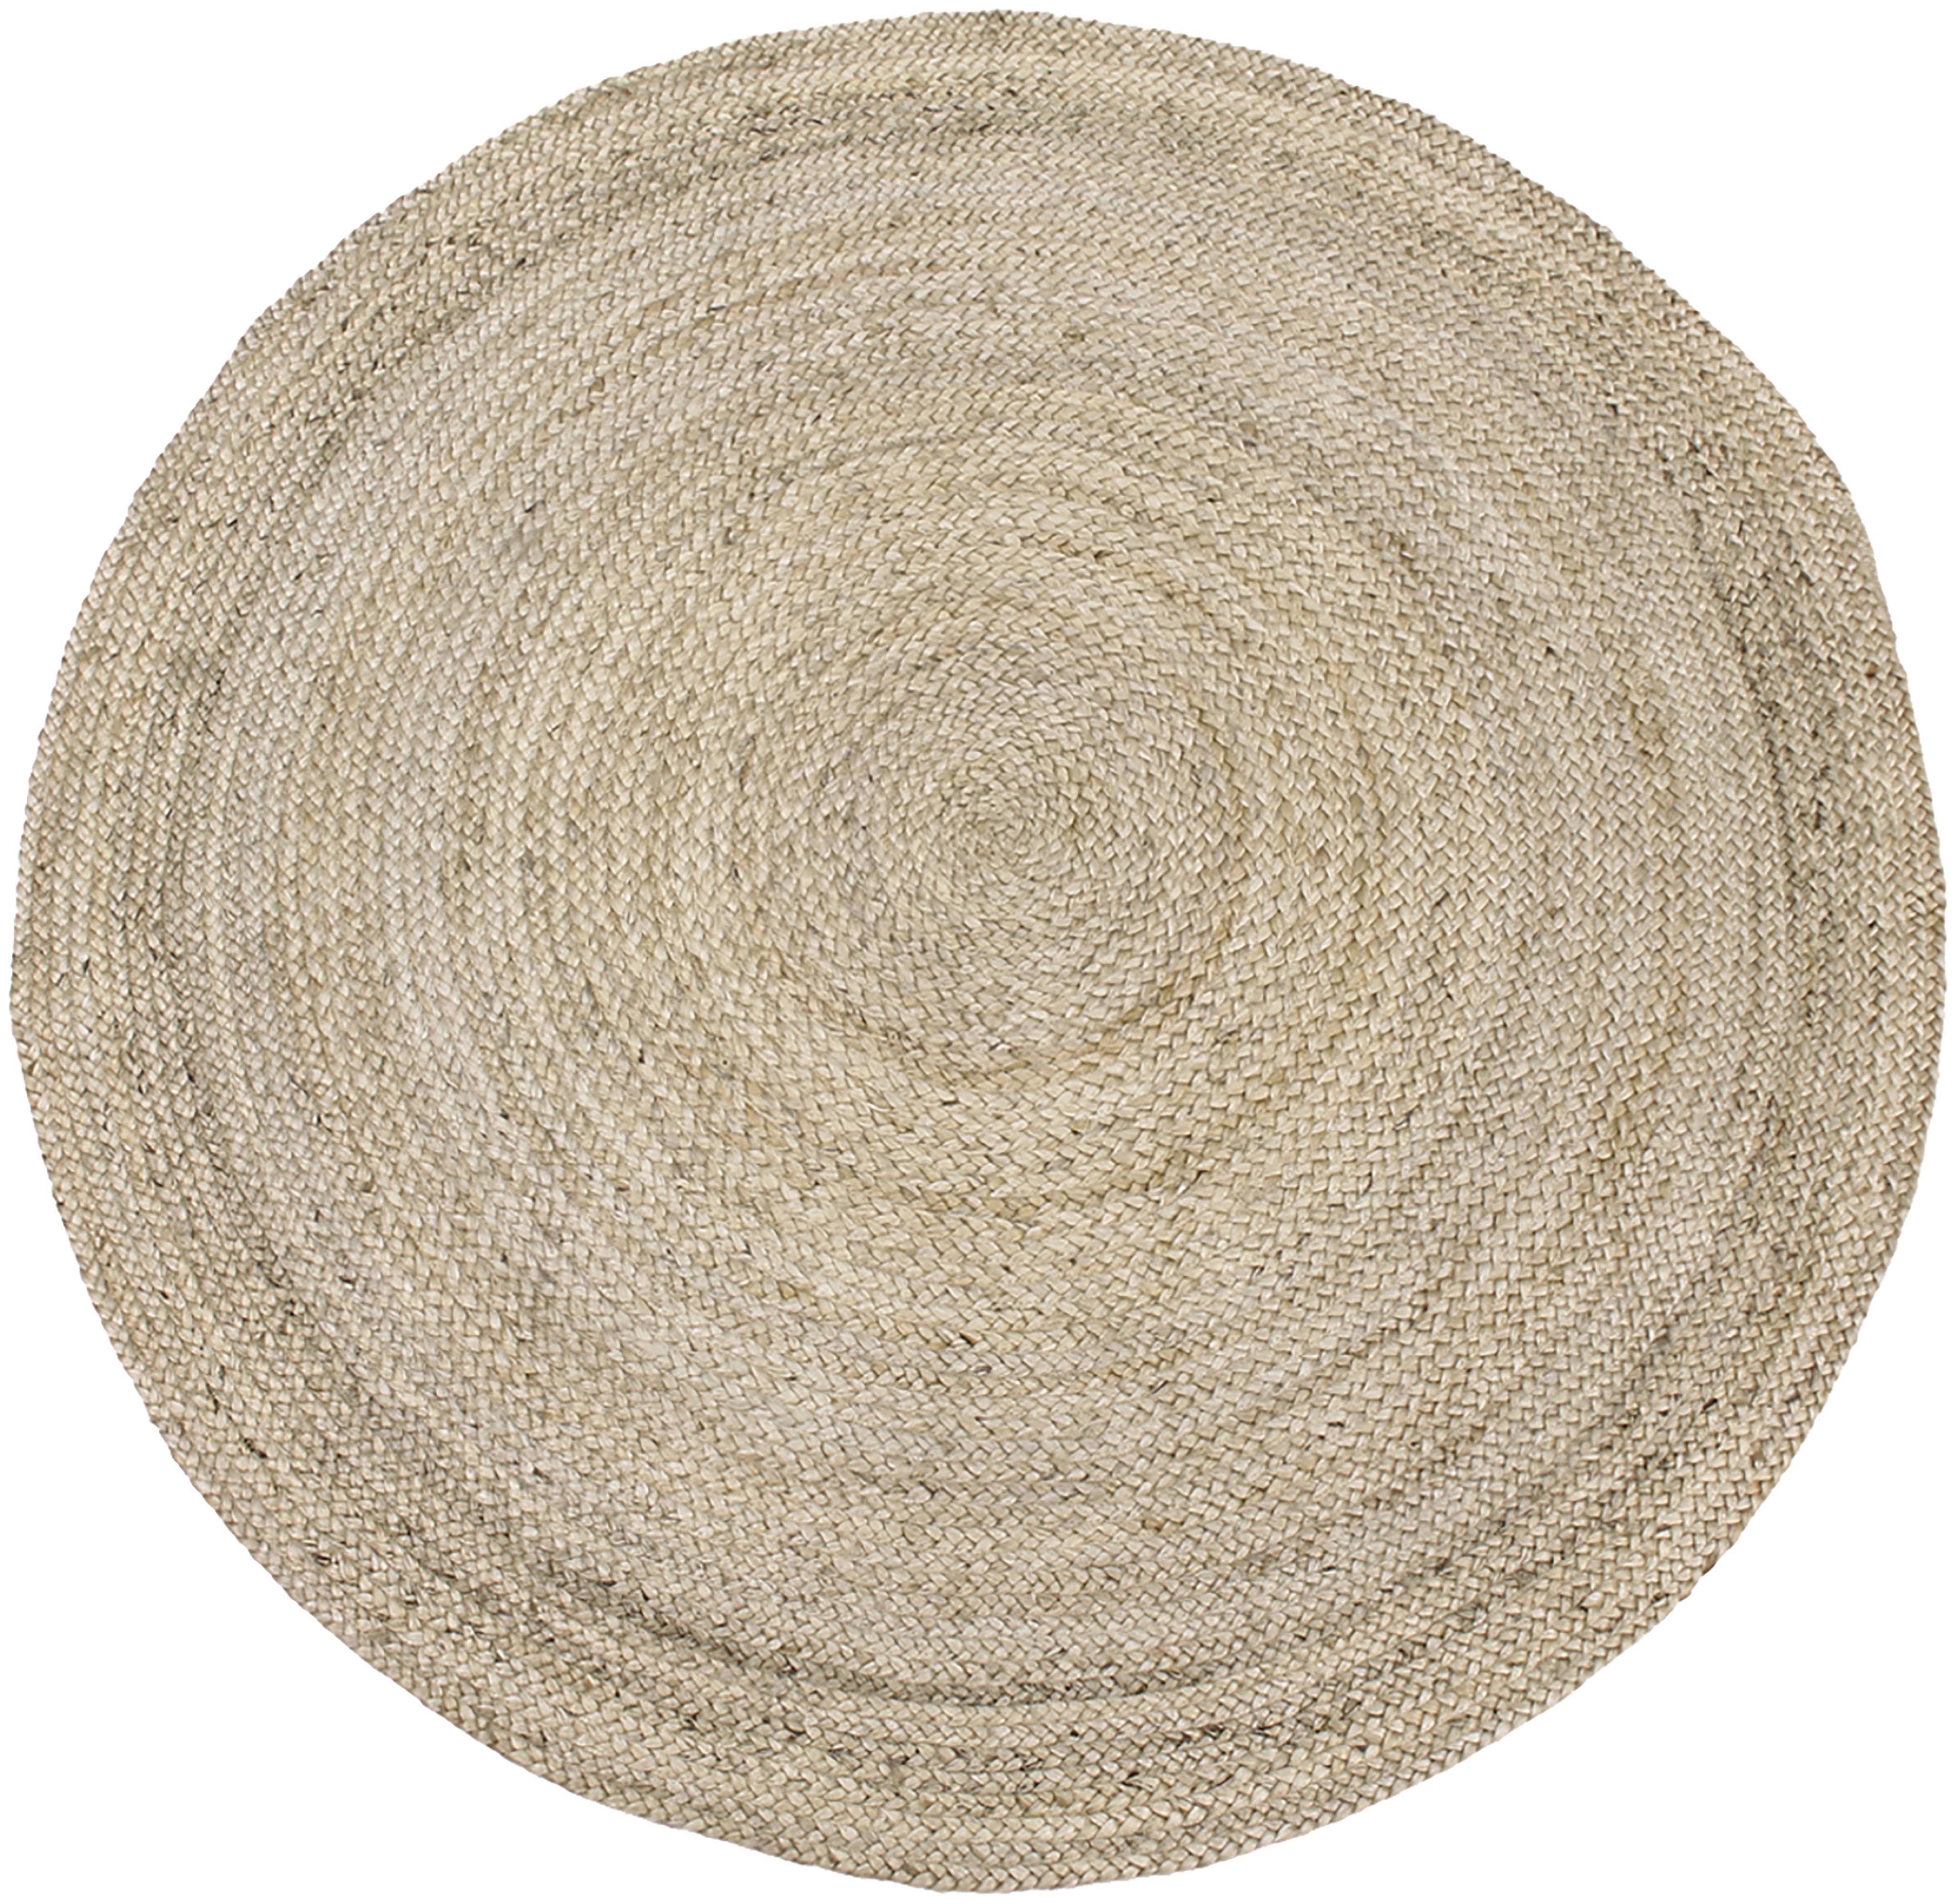 Runder Jute-Teppich Sharmila, handgefertigt, Beige, Ø 140 cm (Größe M)